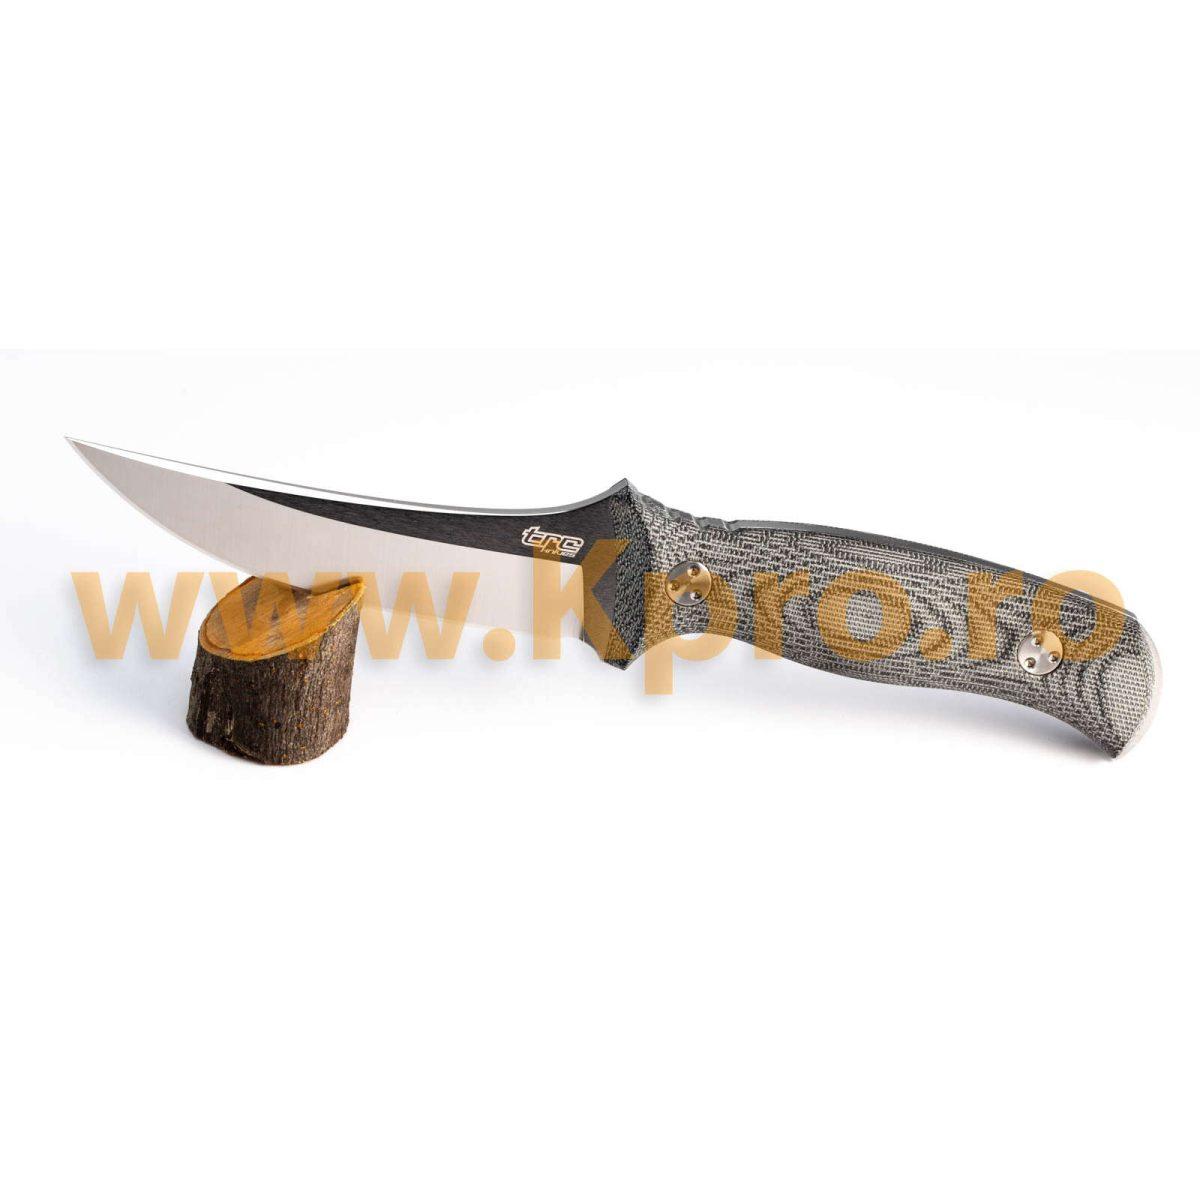 Cutit TRC Knives Persian